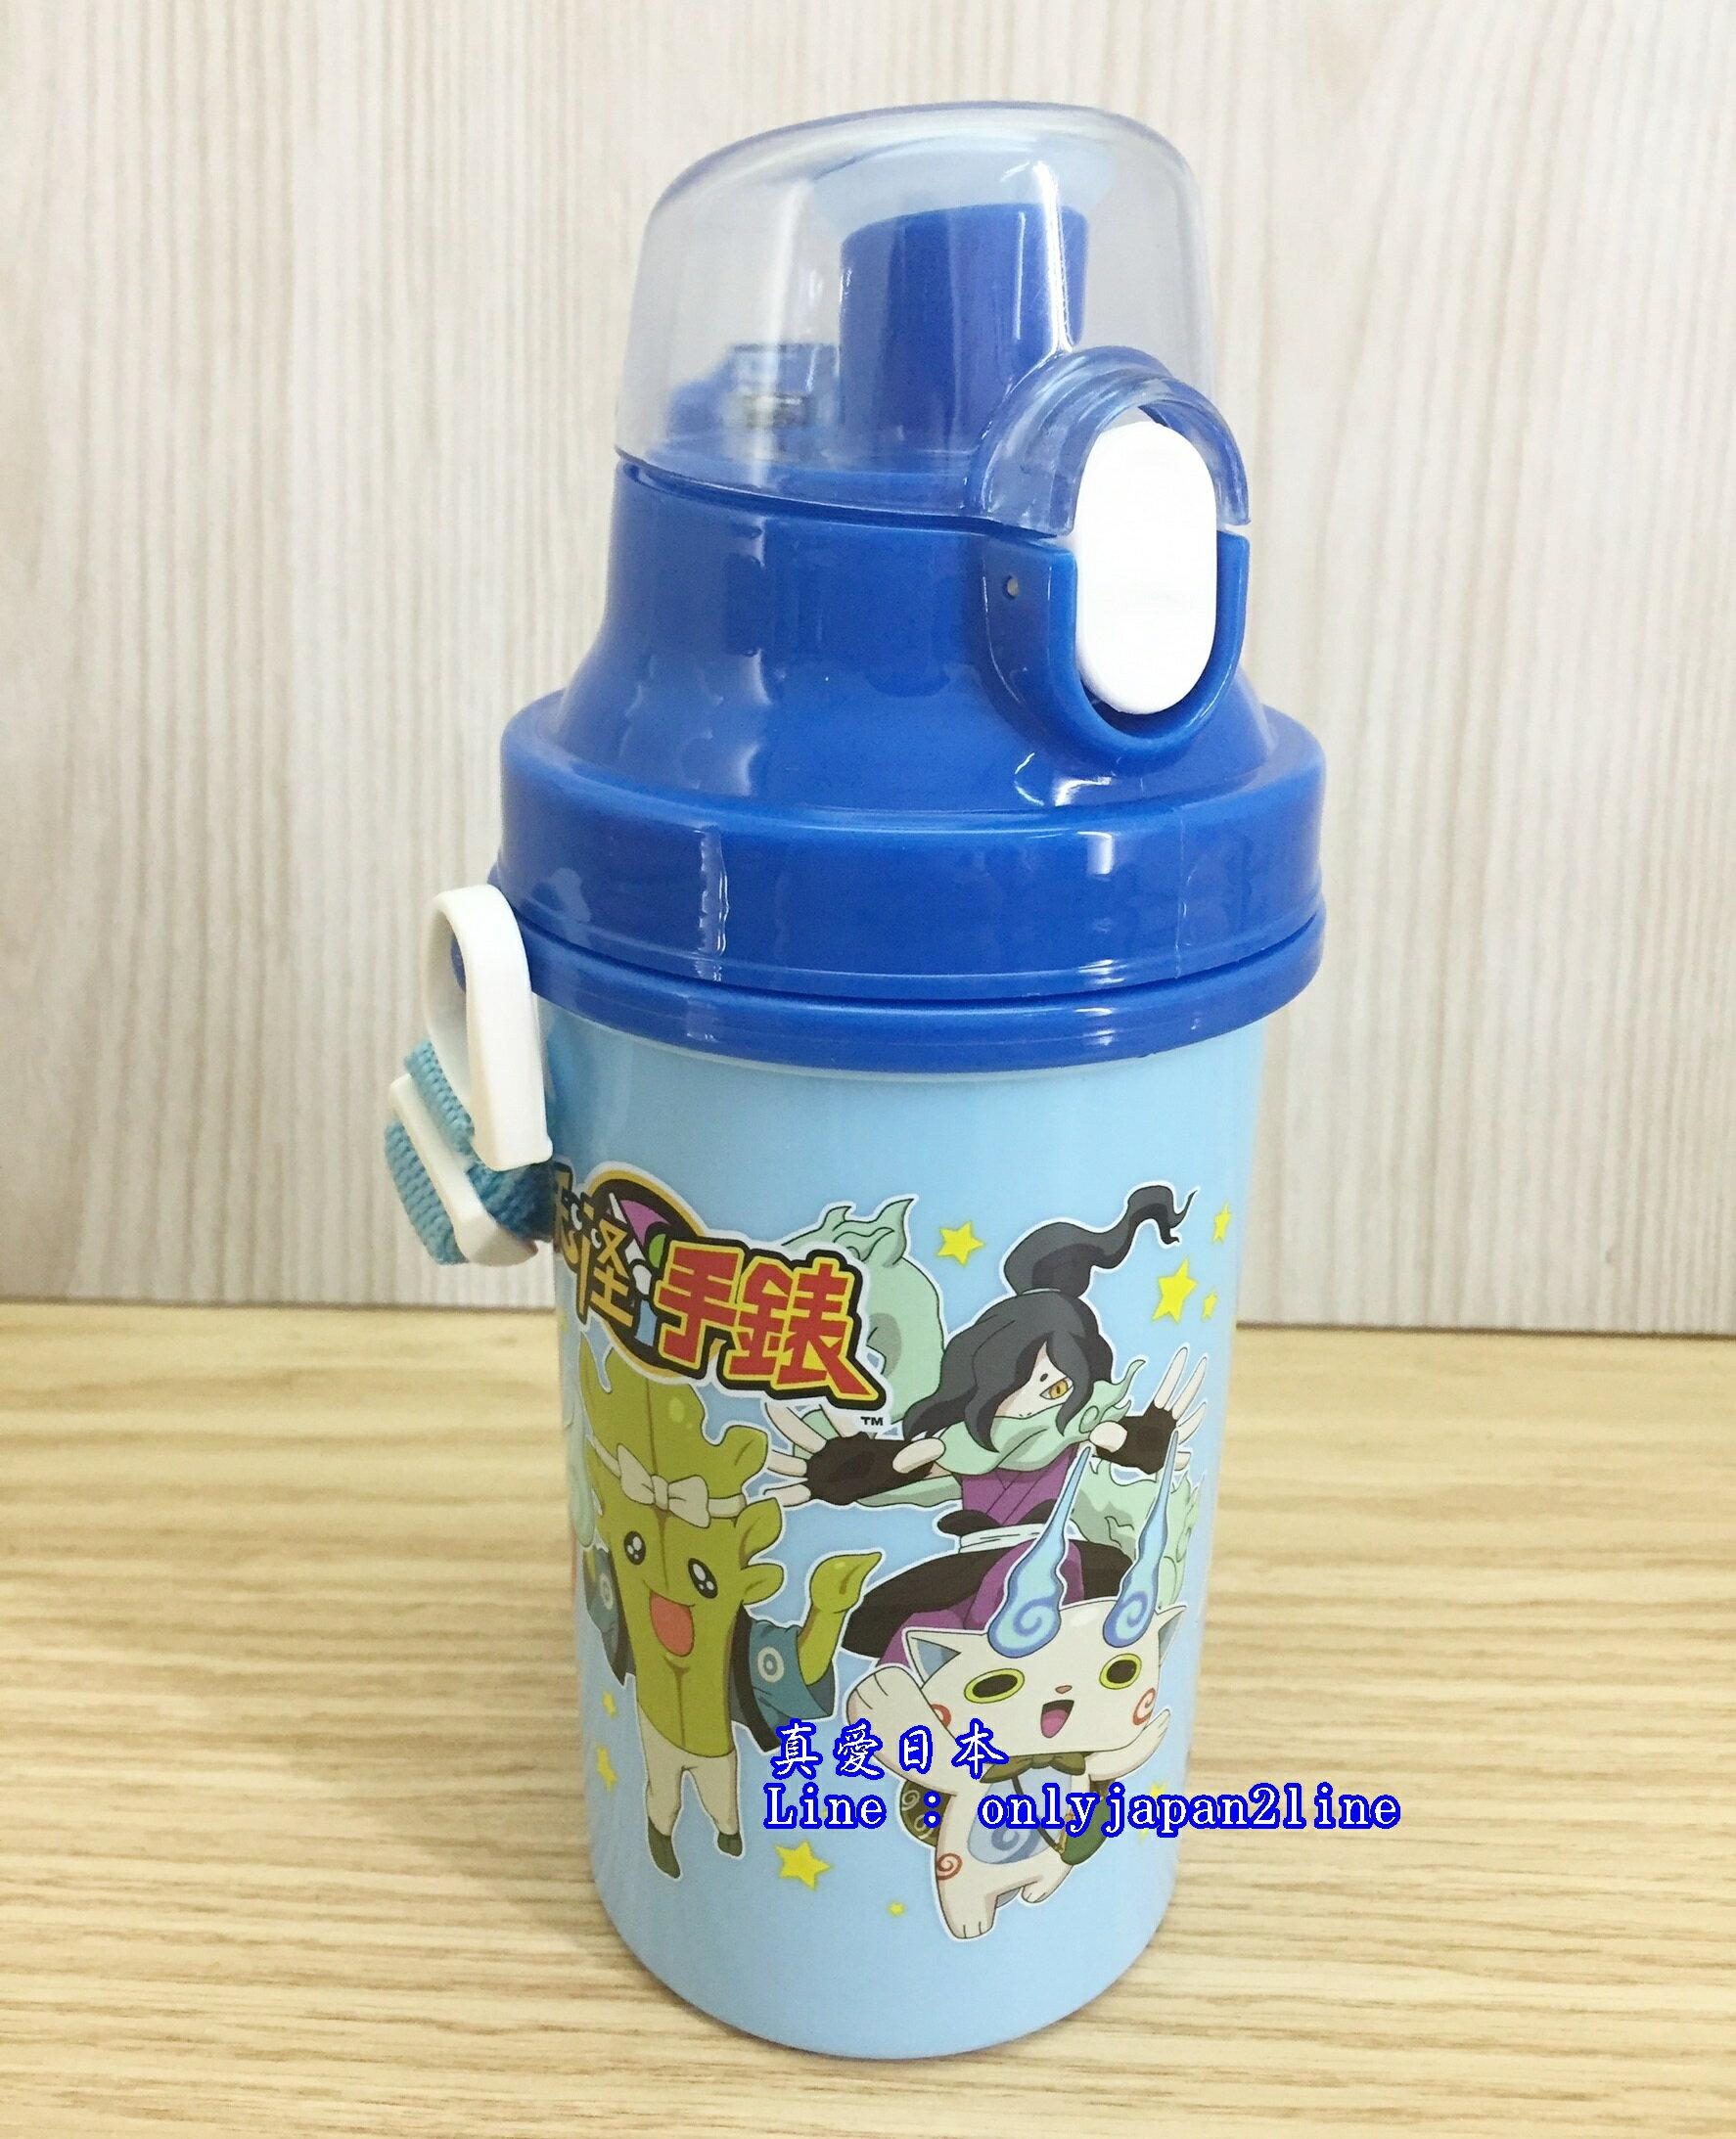 【真愛日本】16062100010直飲水壺500cc-妖怪藍  妖怪手錶 吉胖喵    水壺 水瓶 生活用品 卡通水壺